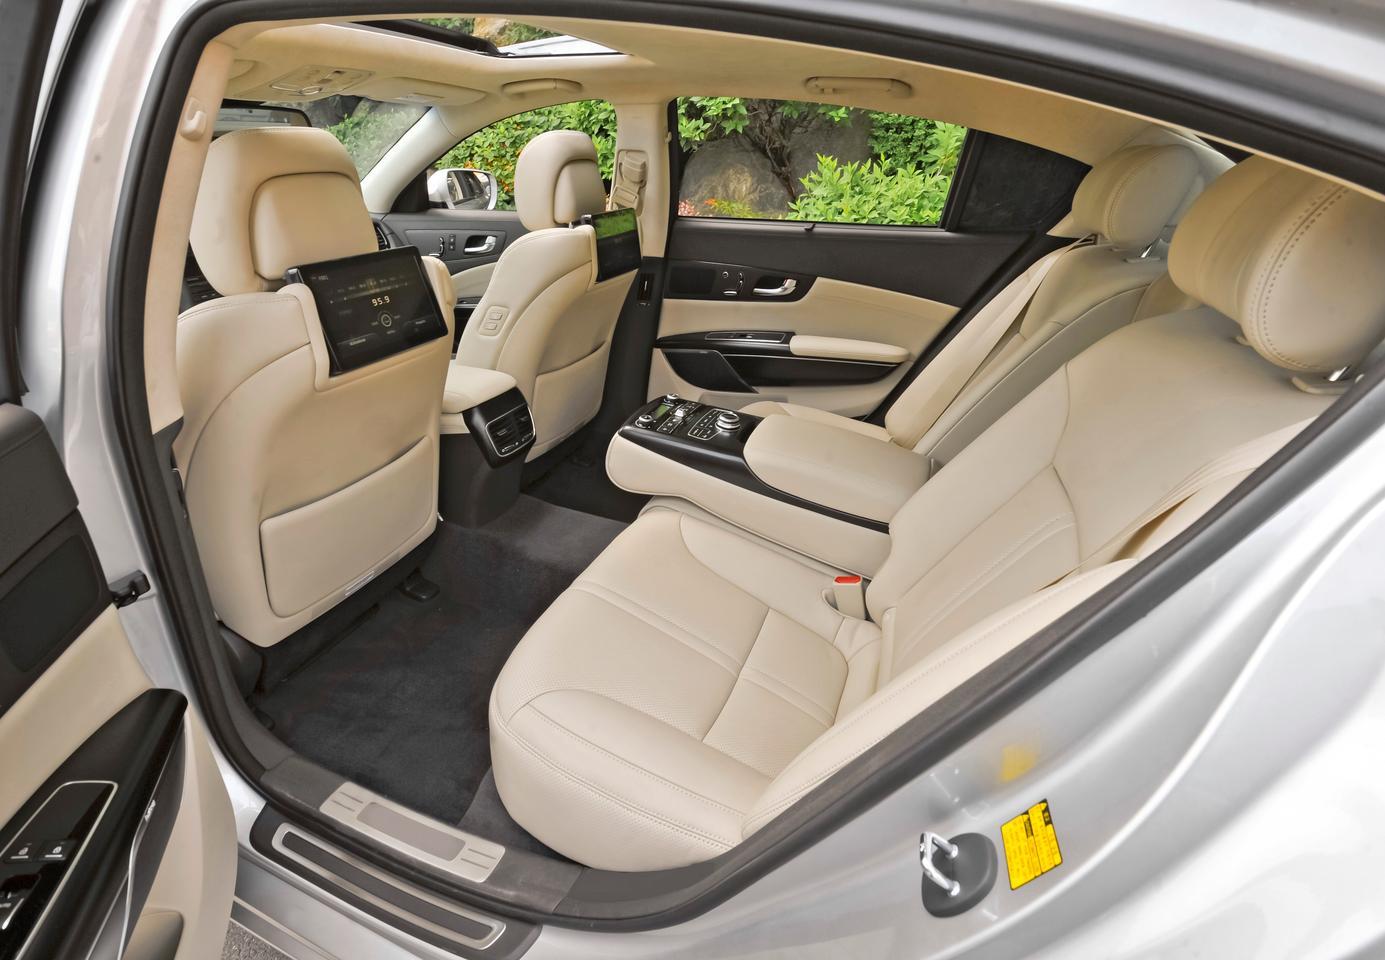 Kia Quoris interior (Image: Kia)